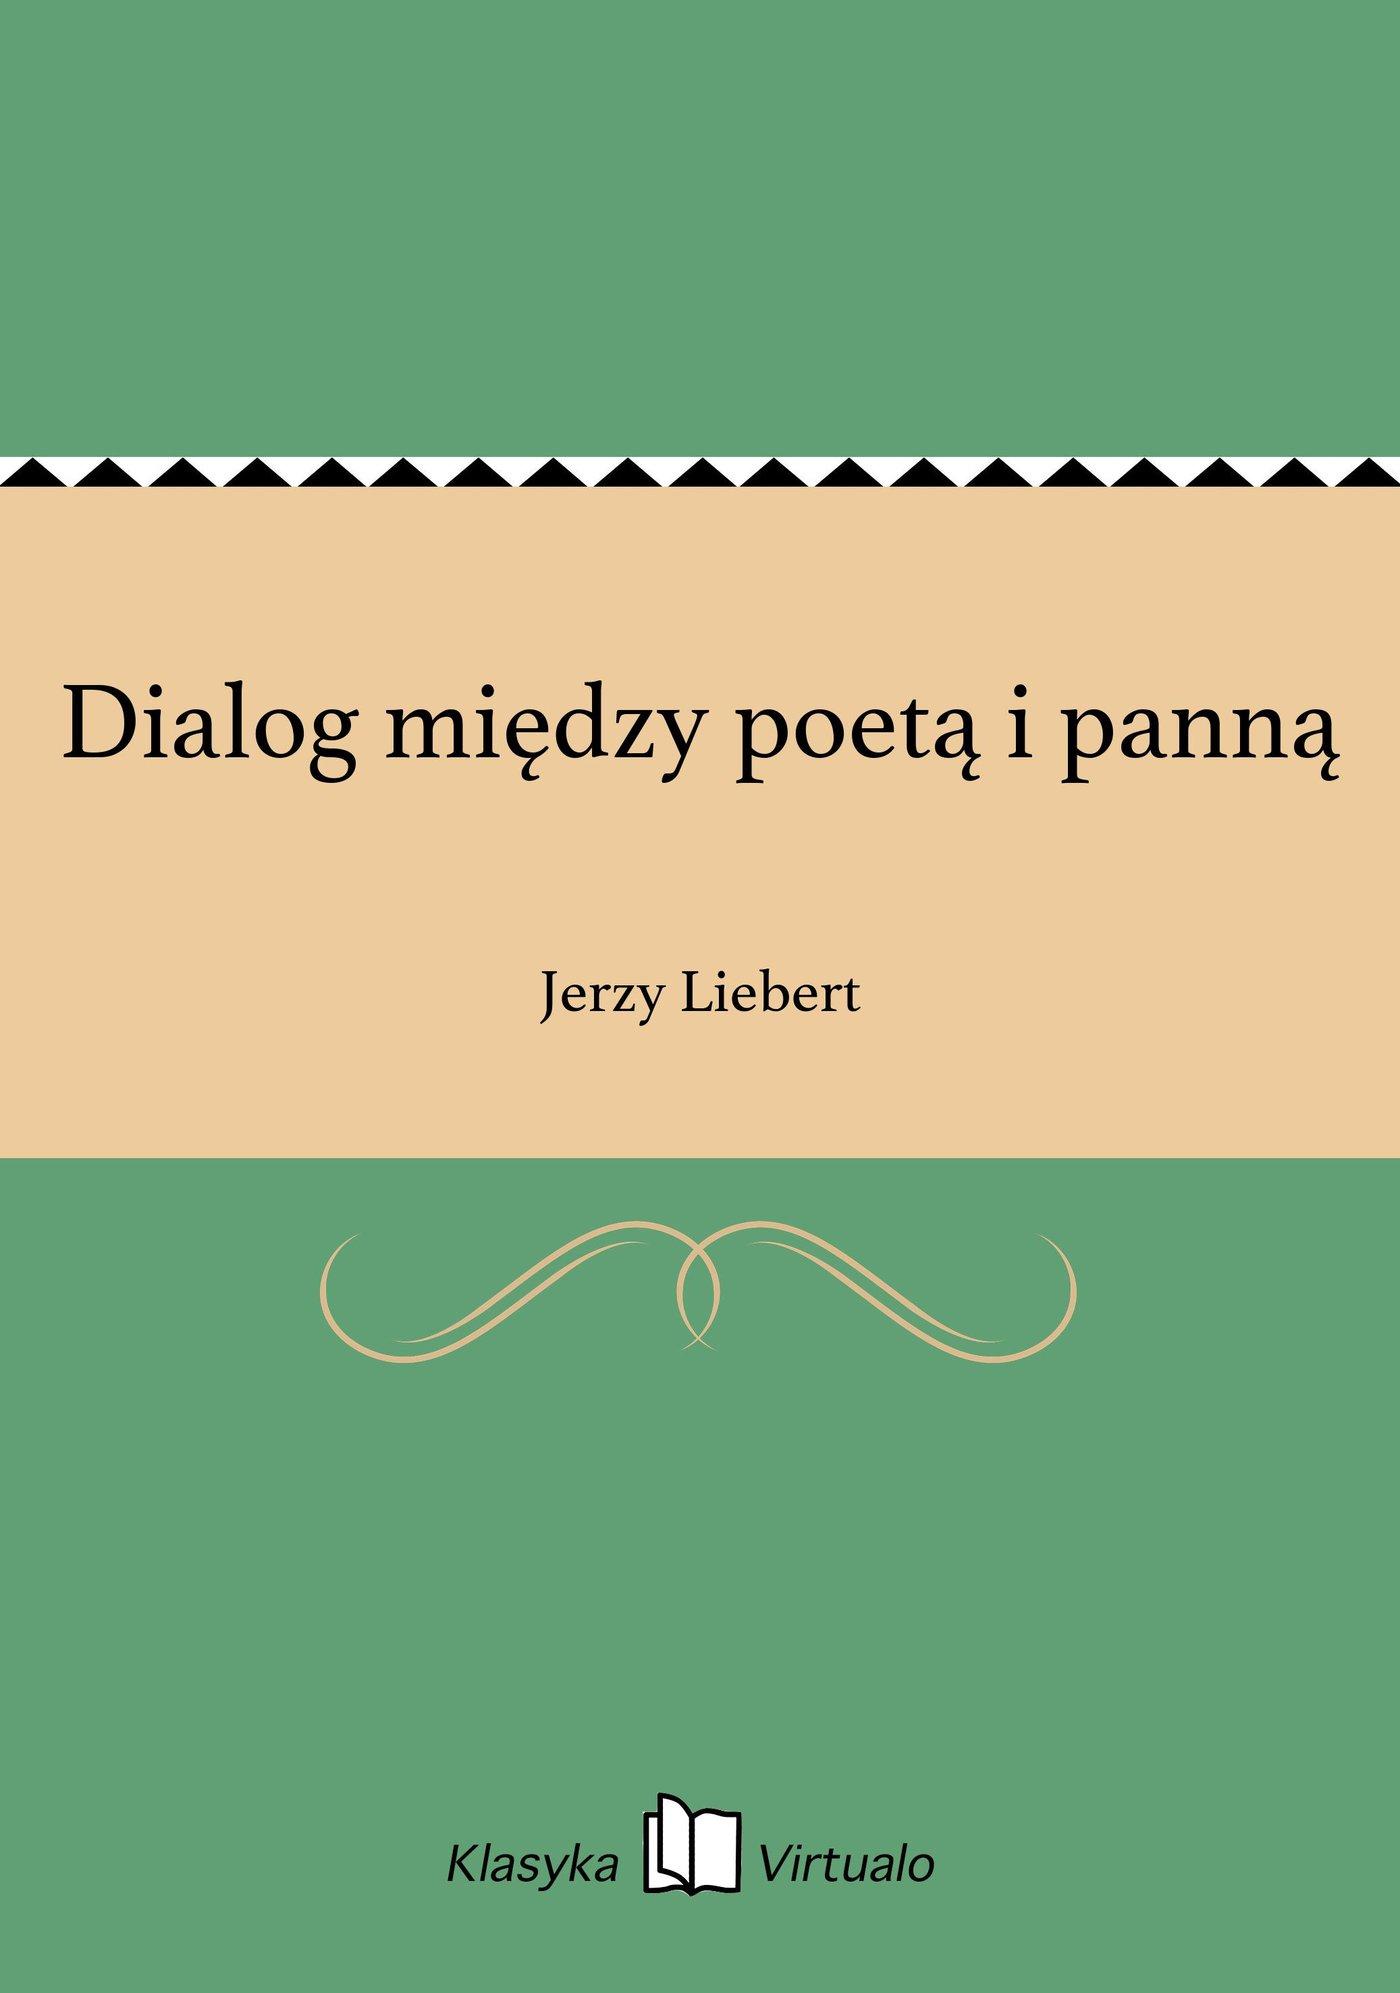 Dialog między poetą i panną - Ebook (Książka EPUB) do pobrania w formacie EPUB